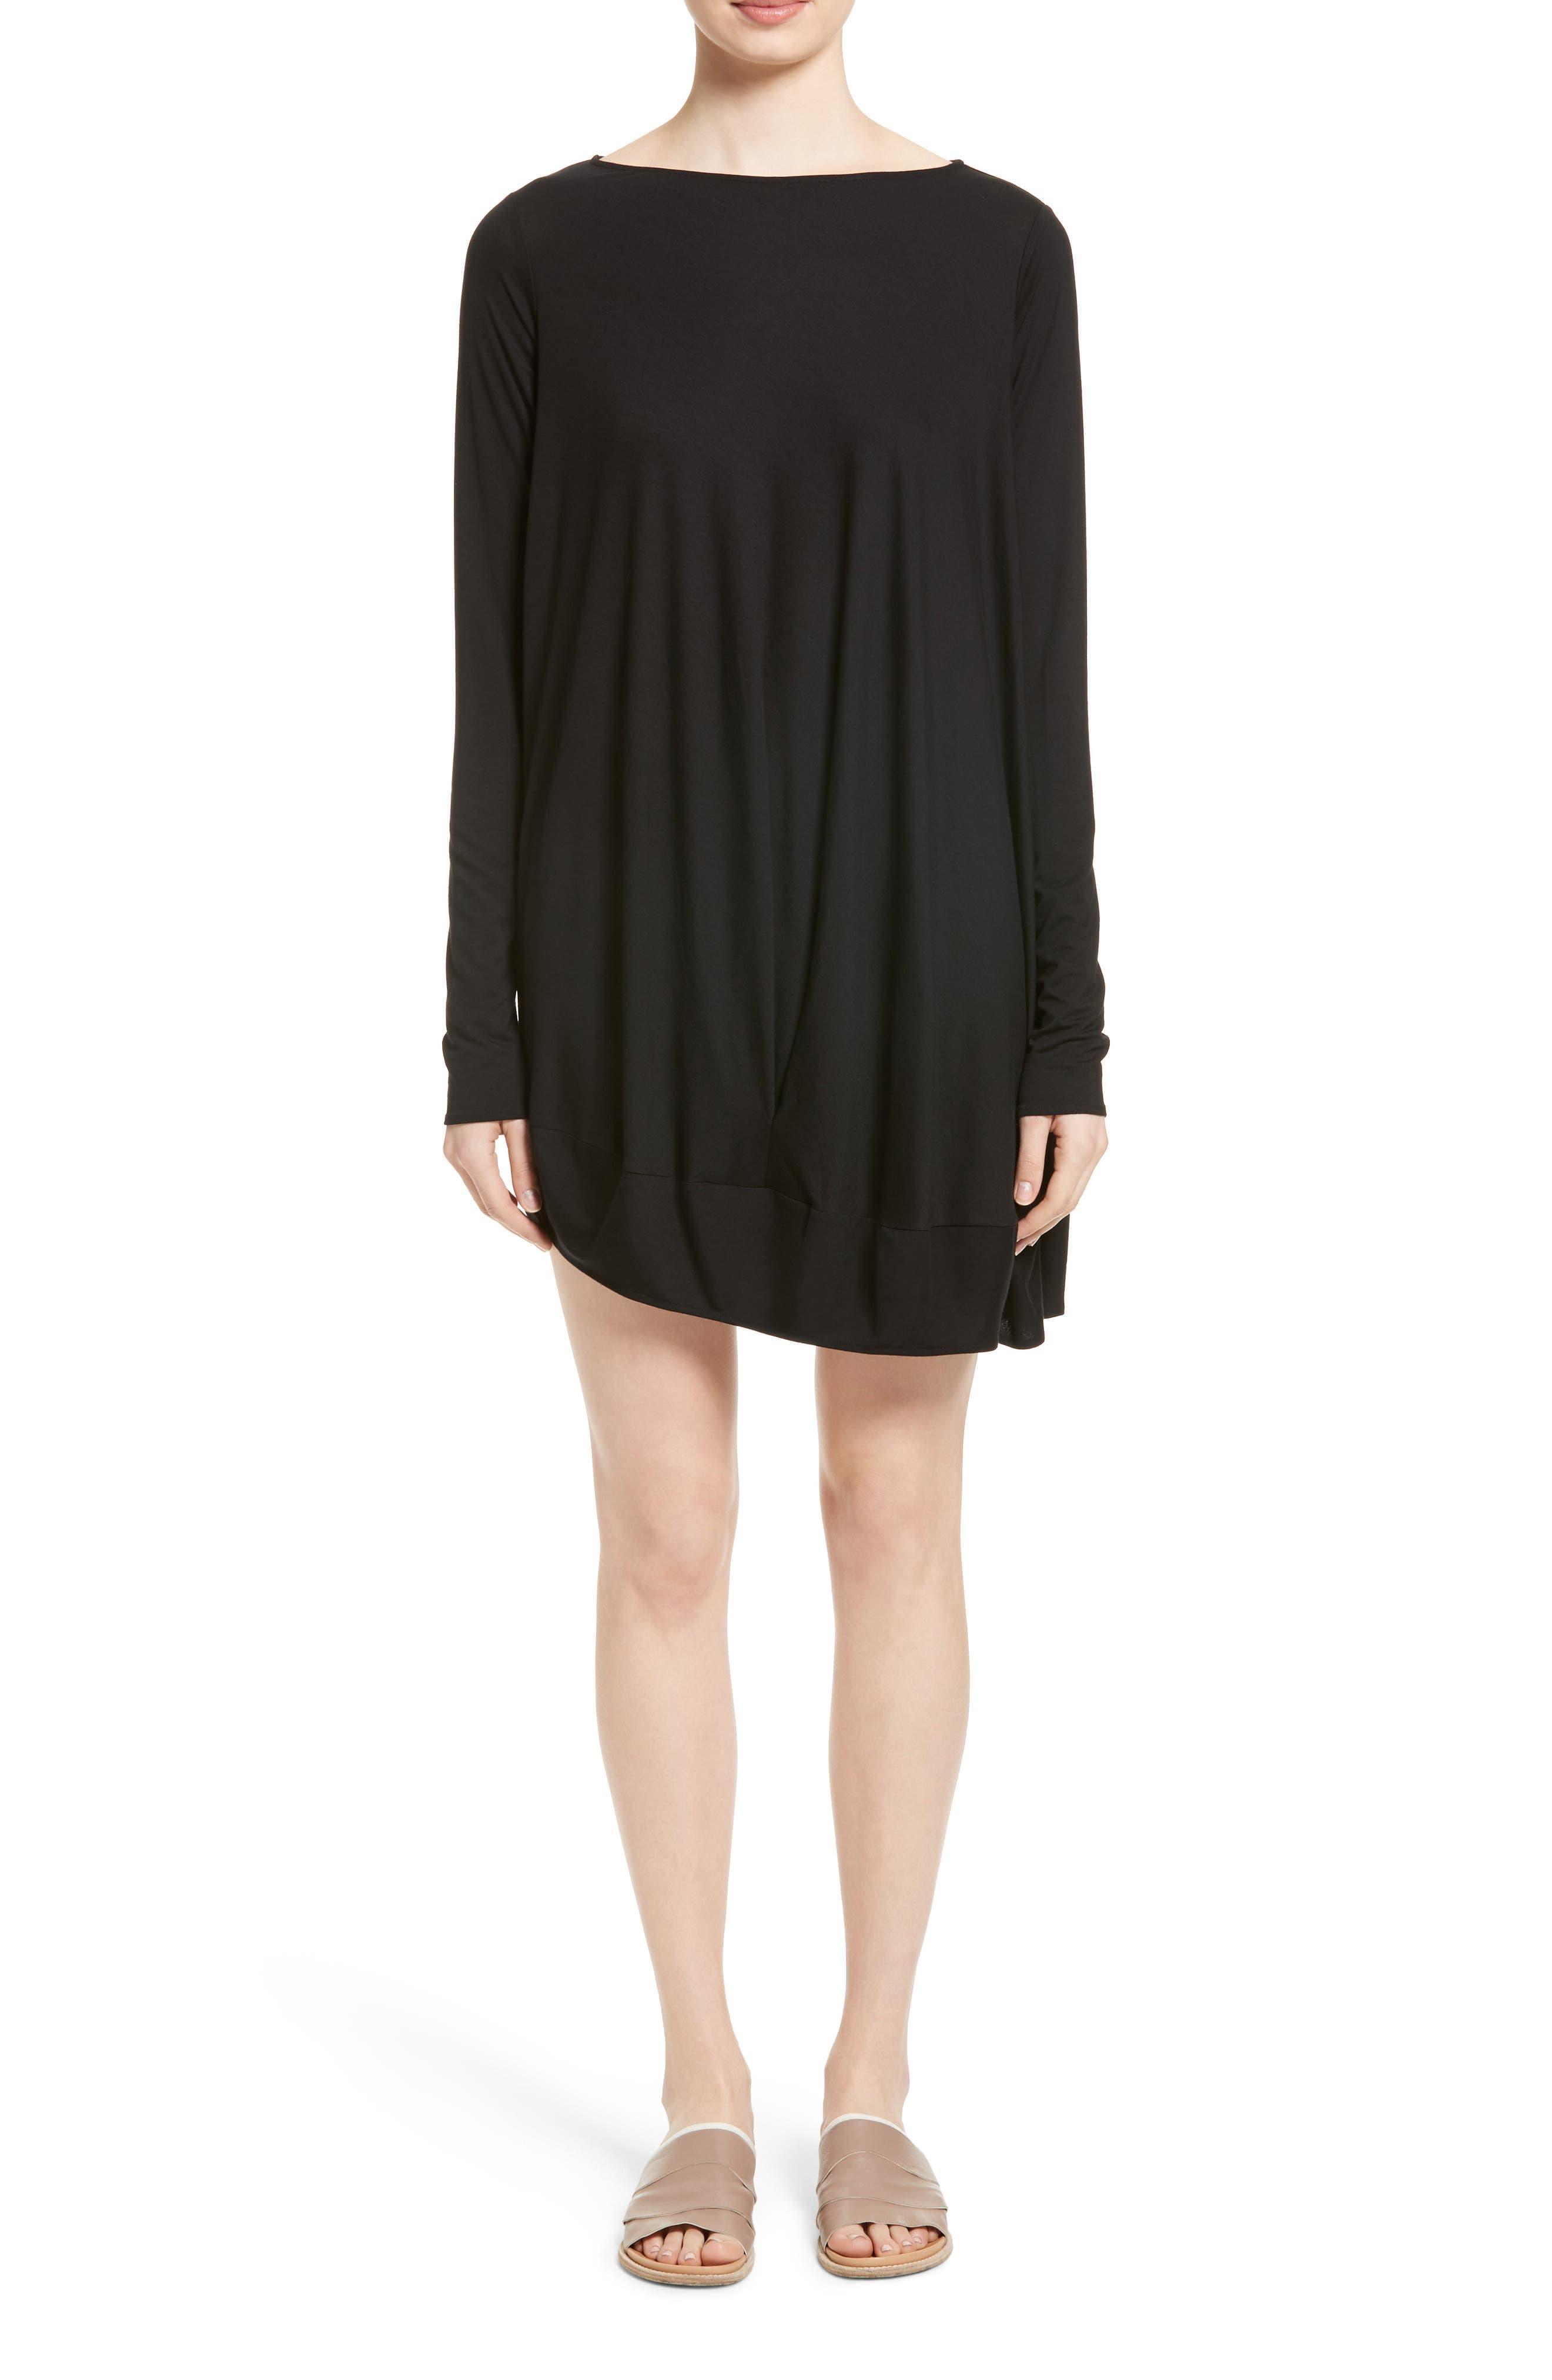 Zero + Maria Cornejo Bubble Dress